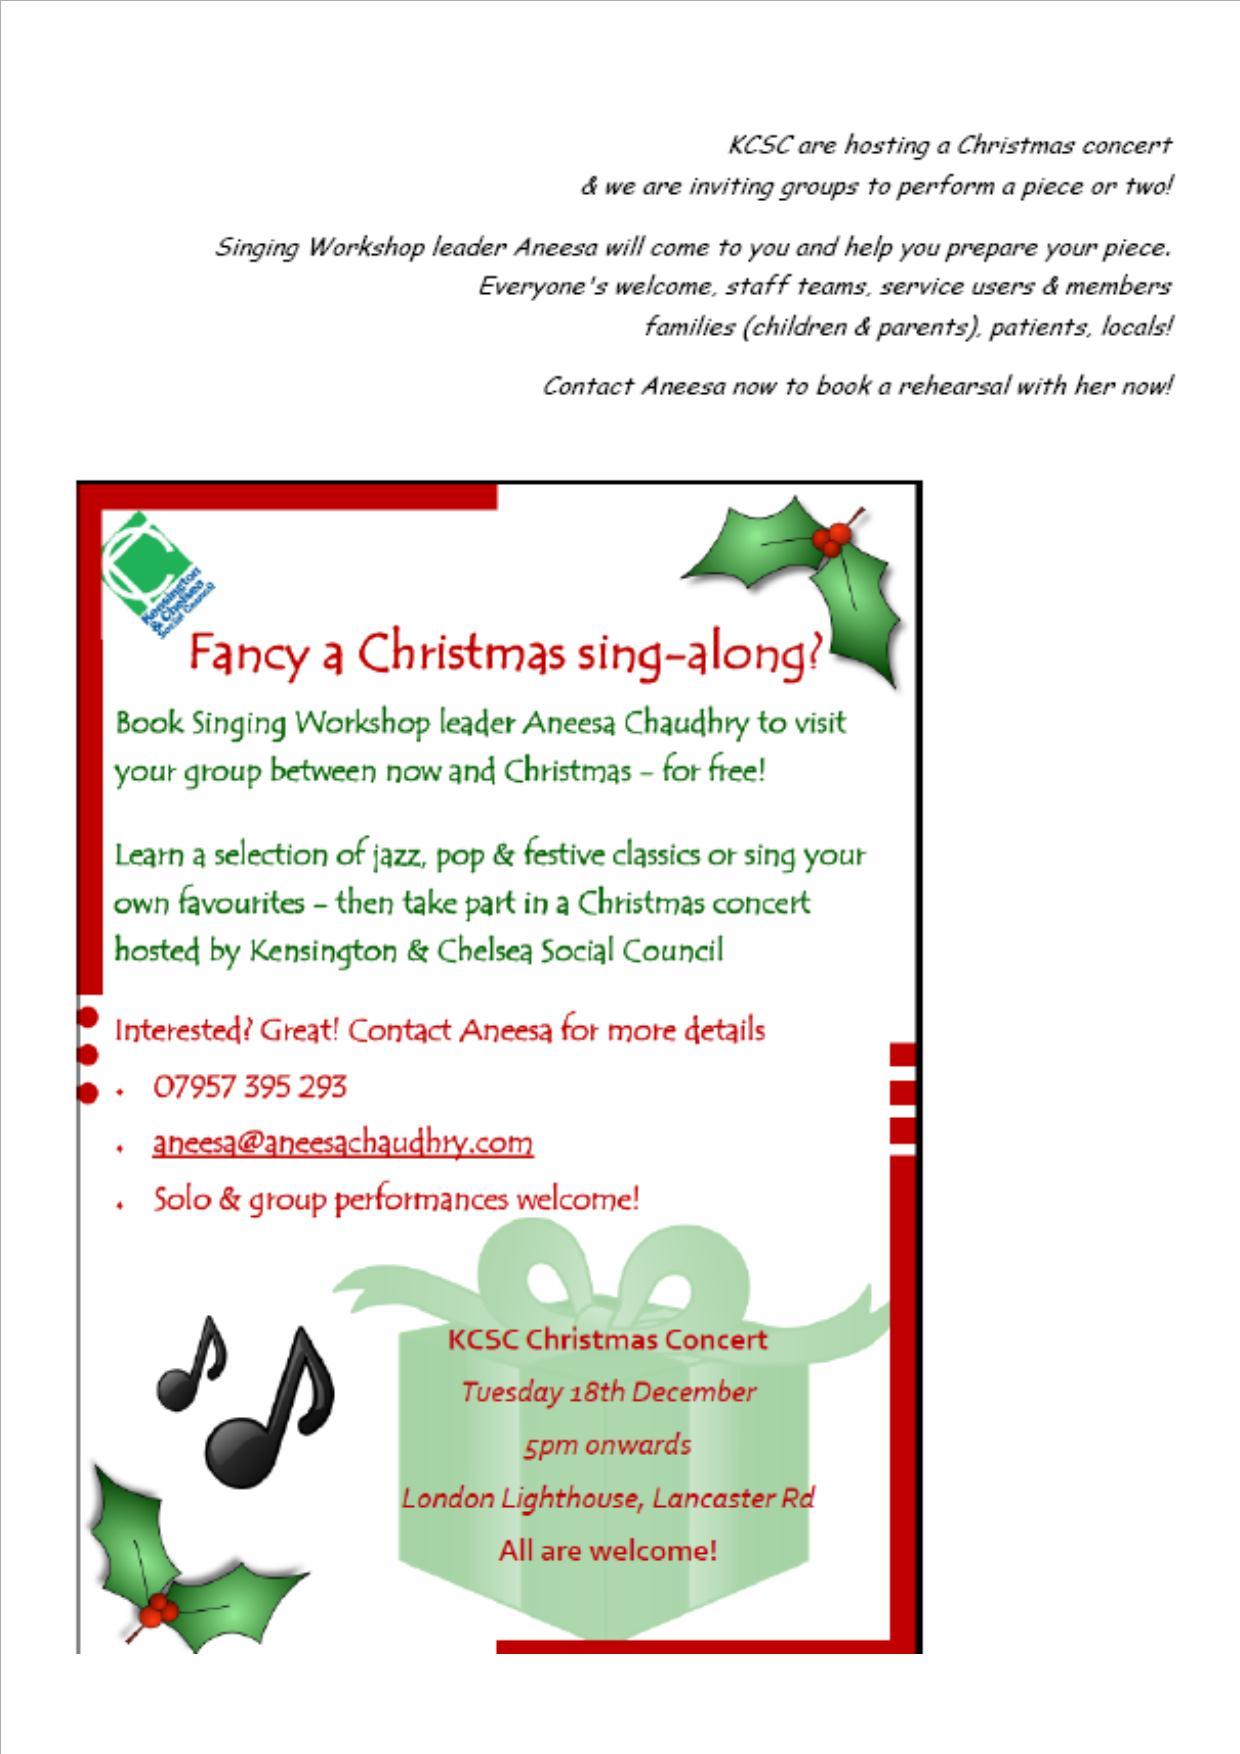 KCSC Christmas Concert & Party!